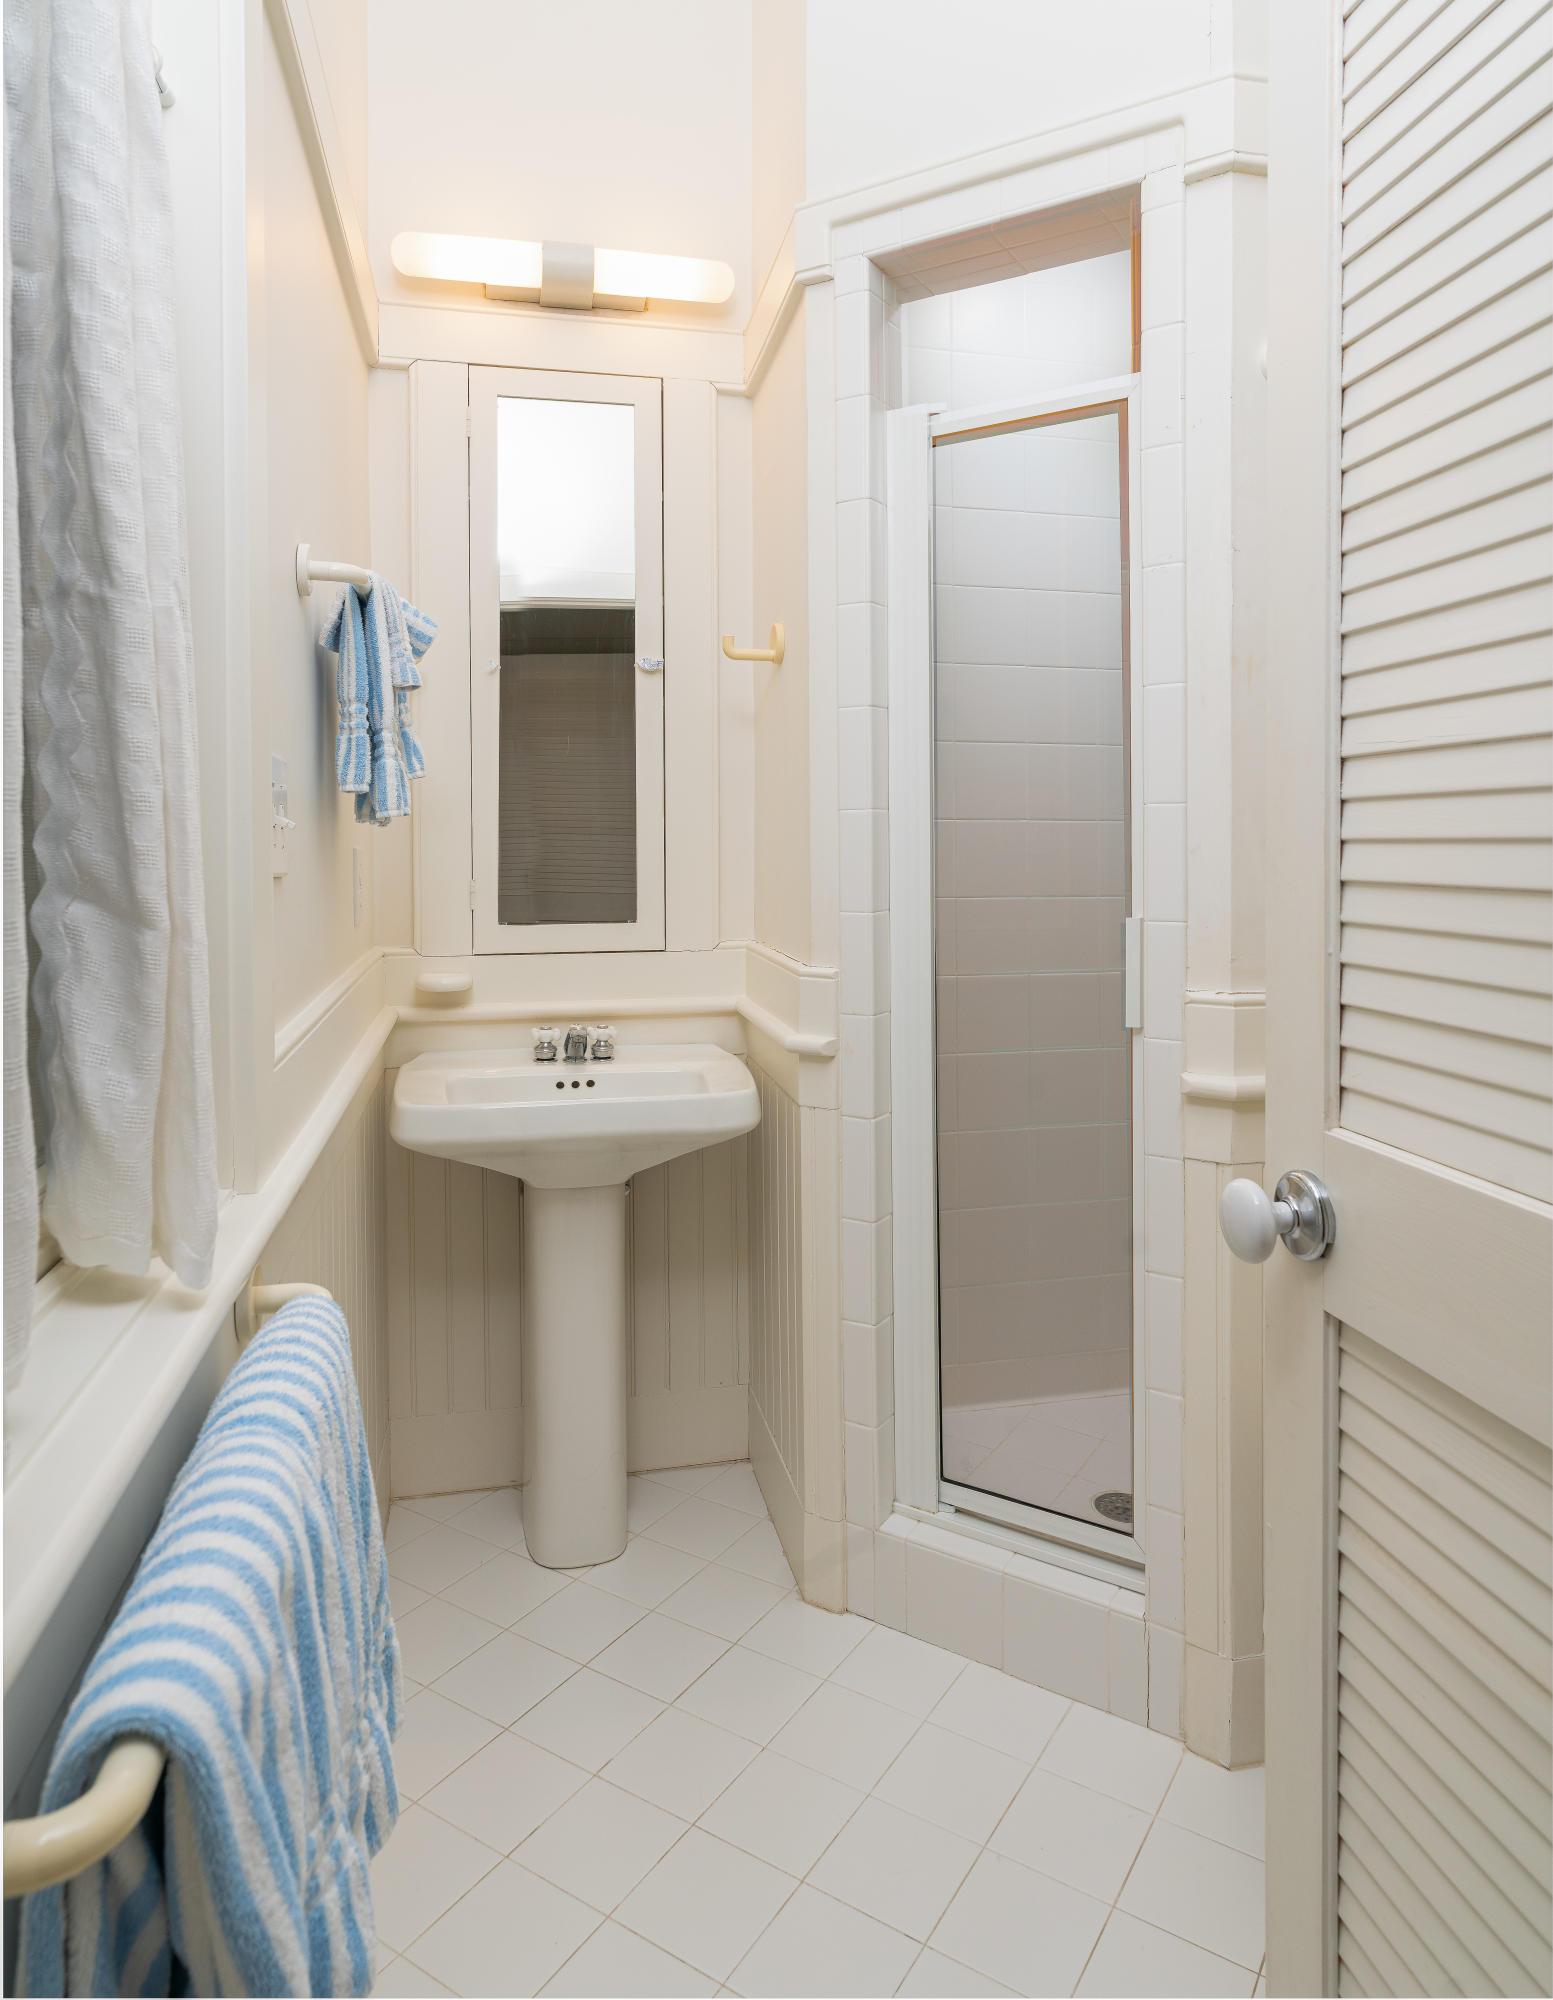 Kiawah Island Homes For Sale - 85 Jackstay, Kiawah Island, SC - 9